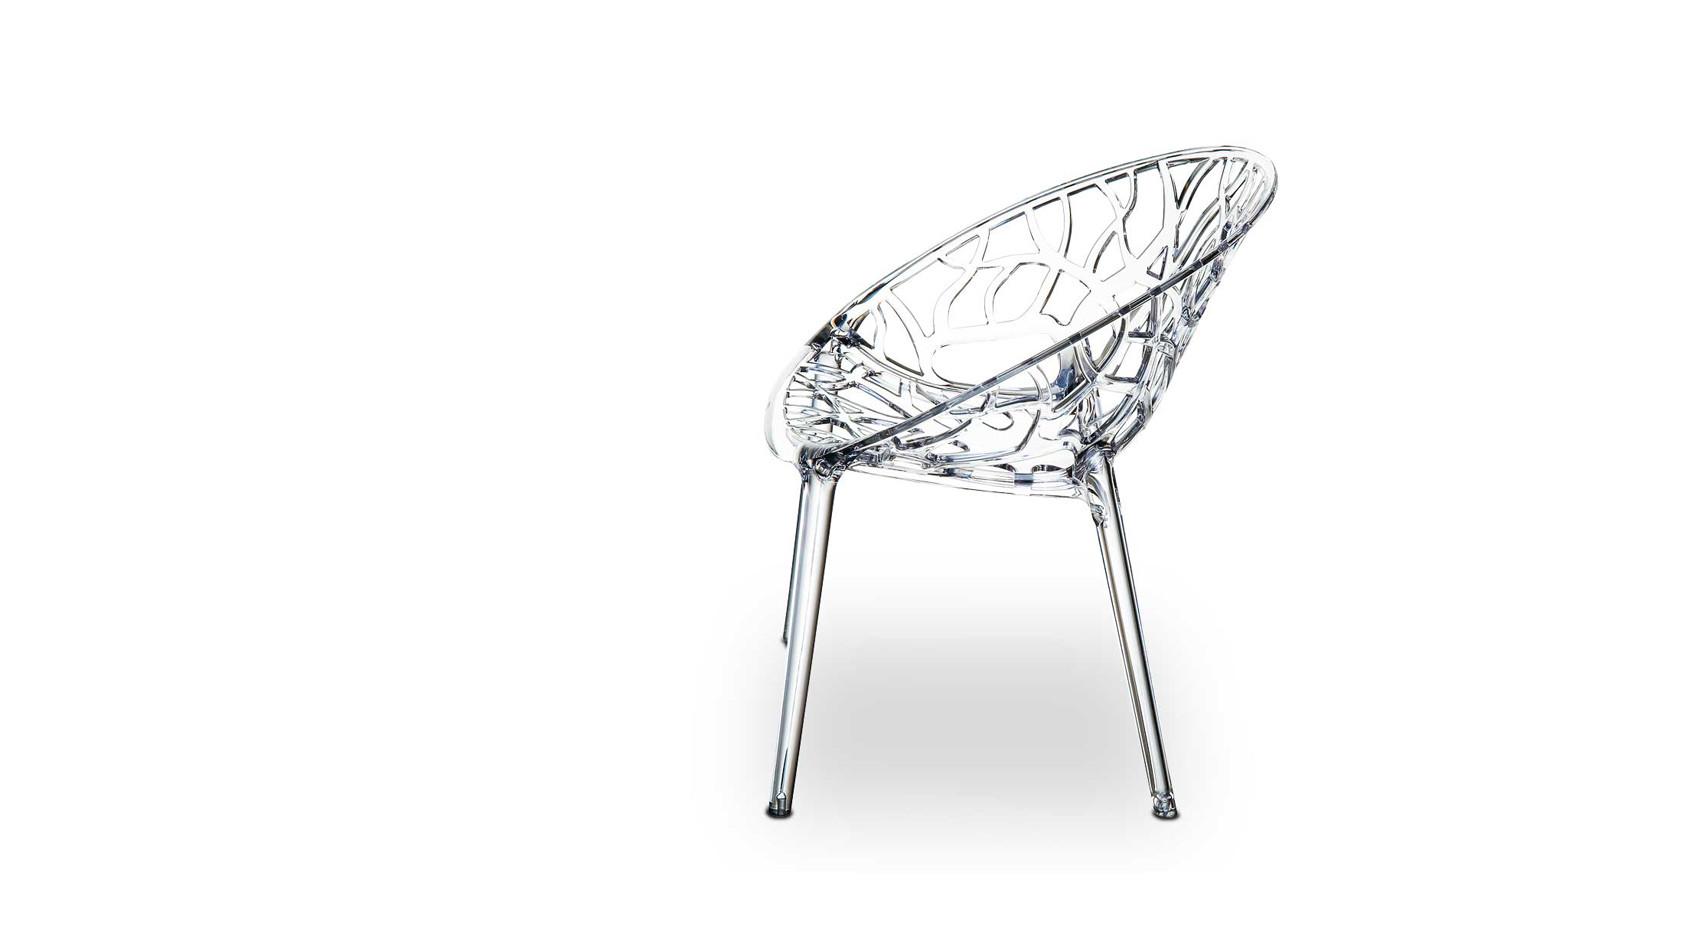 Atemberaubendes Design aus hochfestem Polyamid in transparent, der Stuhl Plexiglas NATURE...